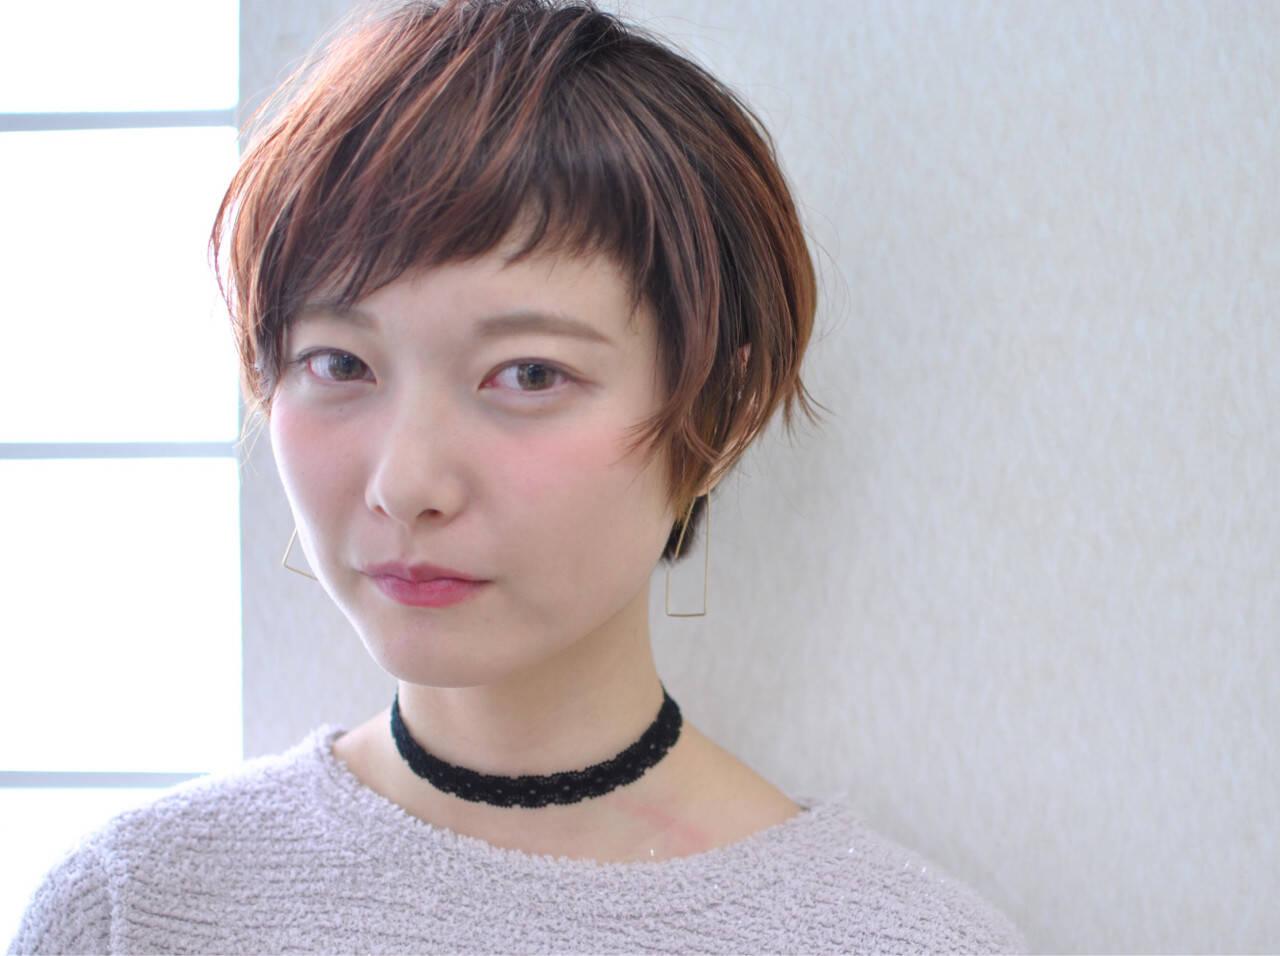 ベリーピンク ショート 前髪あり ショートバングヘアスタイルや髪型の写真・画像